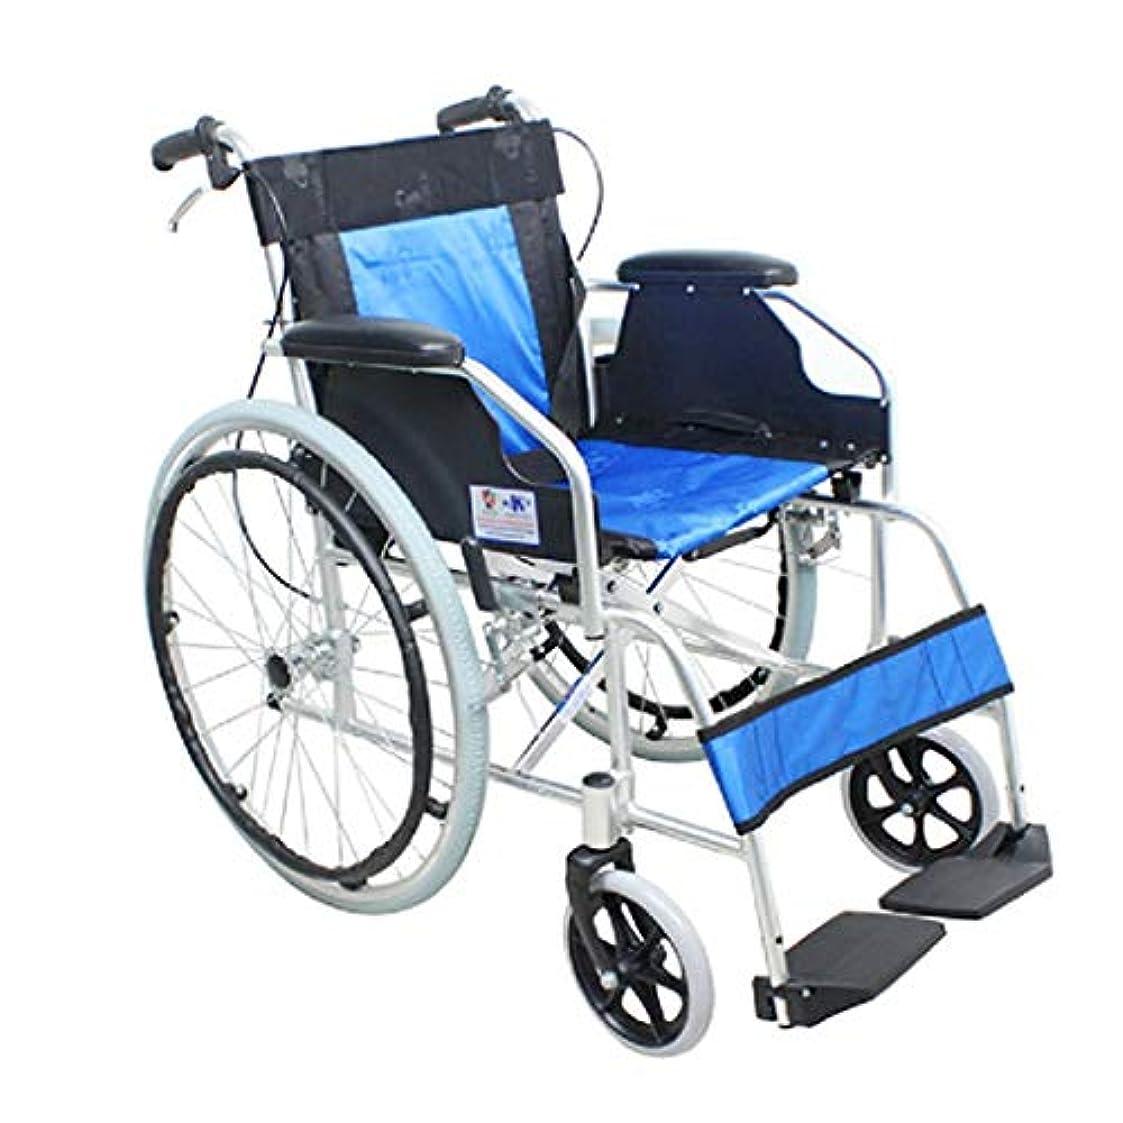 反応する悪性腫瘍どきどきアルミ合金車椅子折りたたみポータブル障害者高齢者車椅子4ブレーキデザインバックストレージバッグ